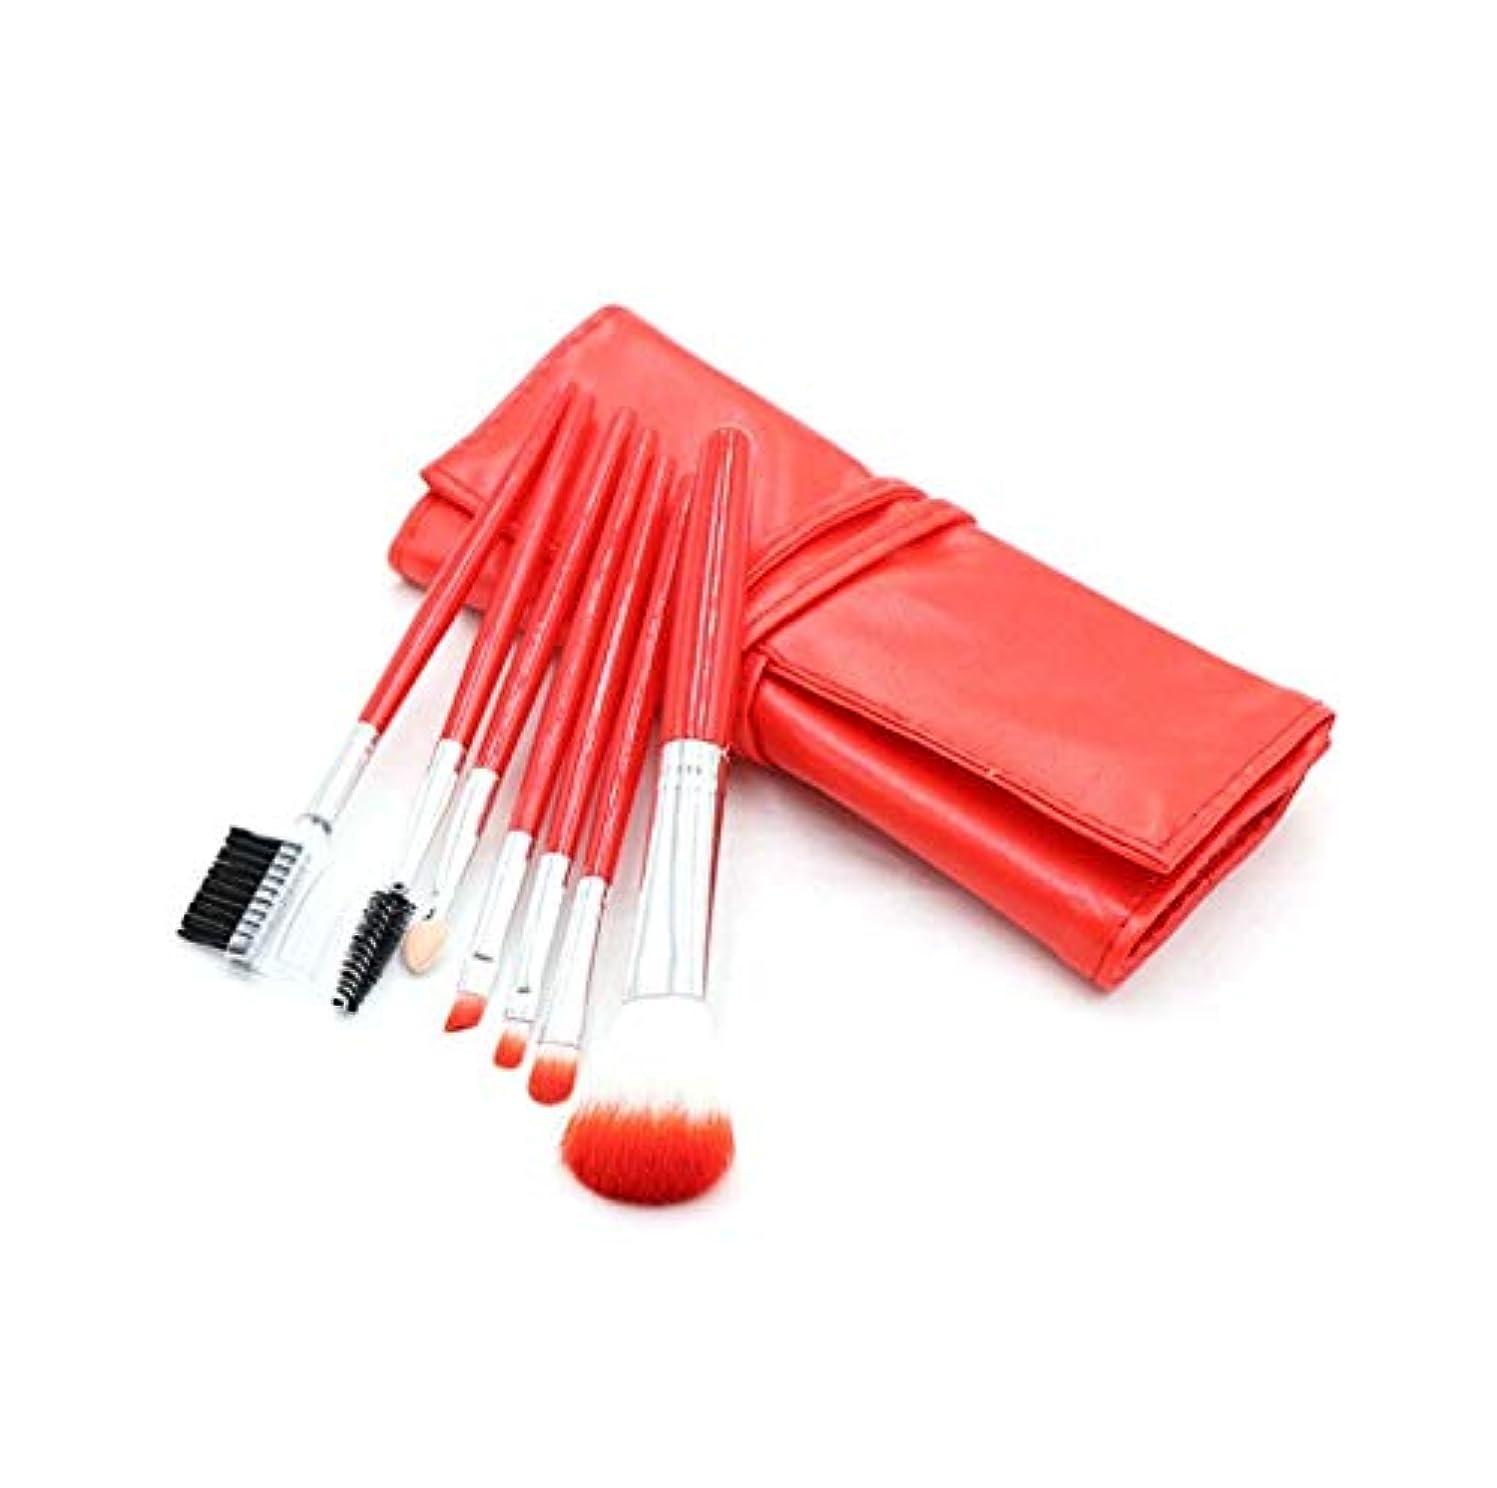 間に合わせ腐食する血色の良い化粧ブラシセット、赤7化粧ブラシ化粧ブラシセットアイシャドウブラシリップブラシ美容化粧道具